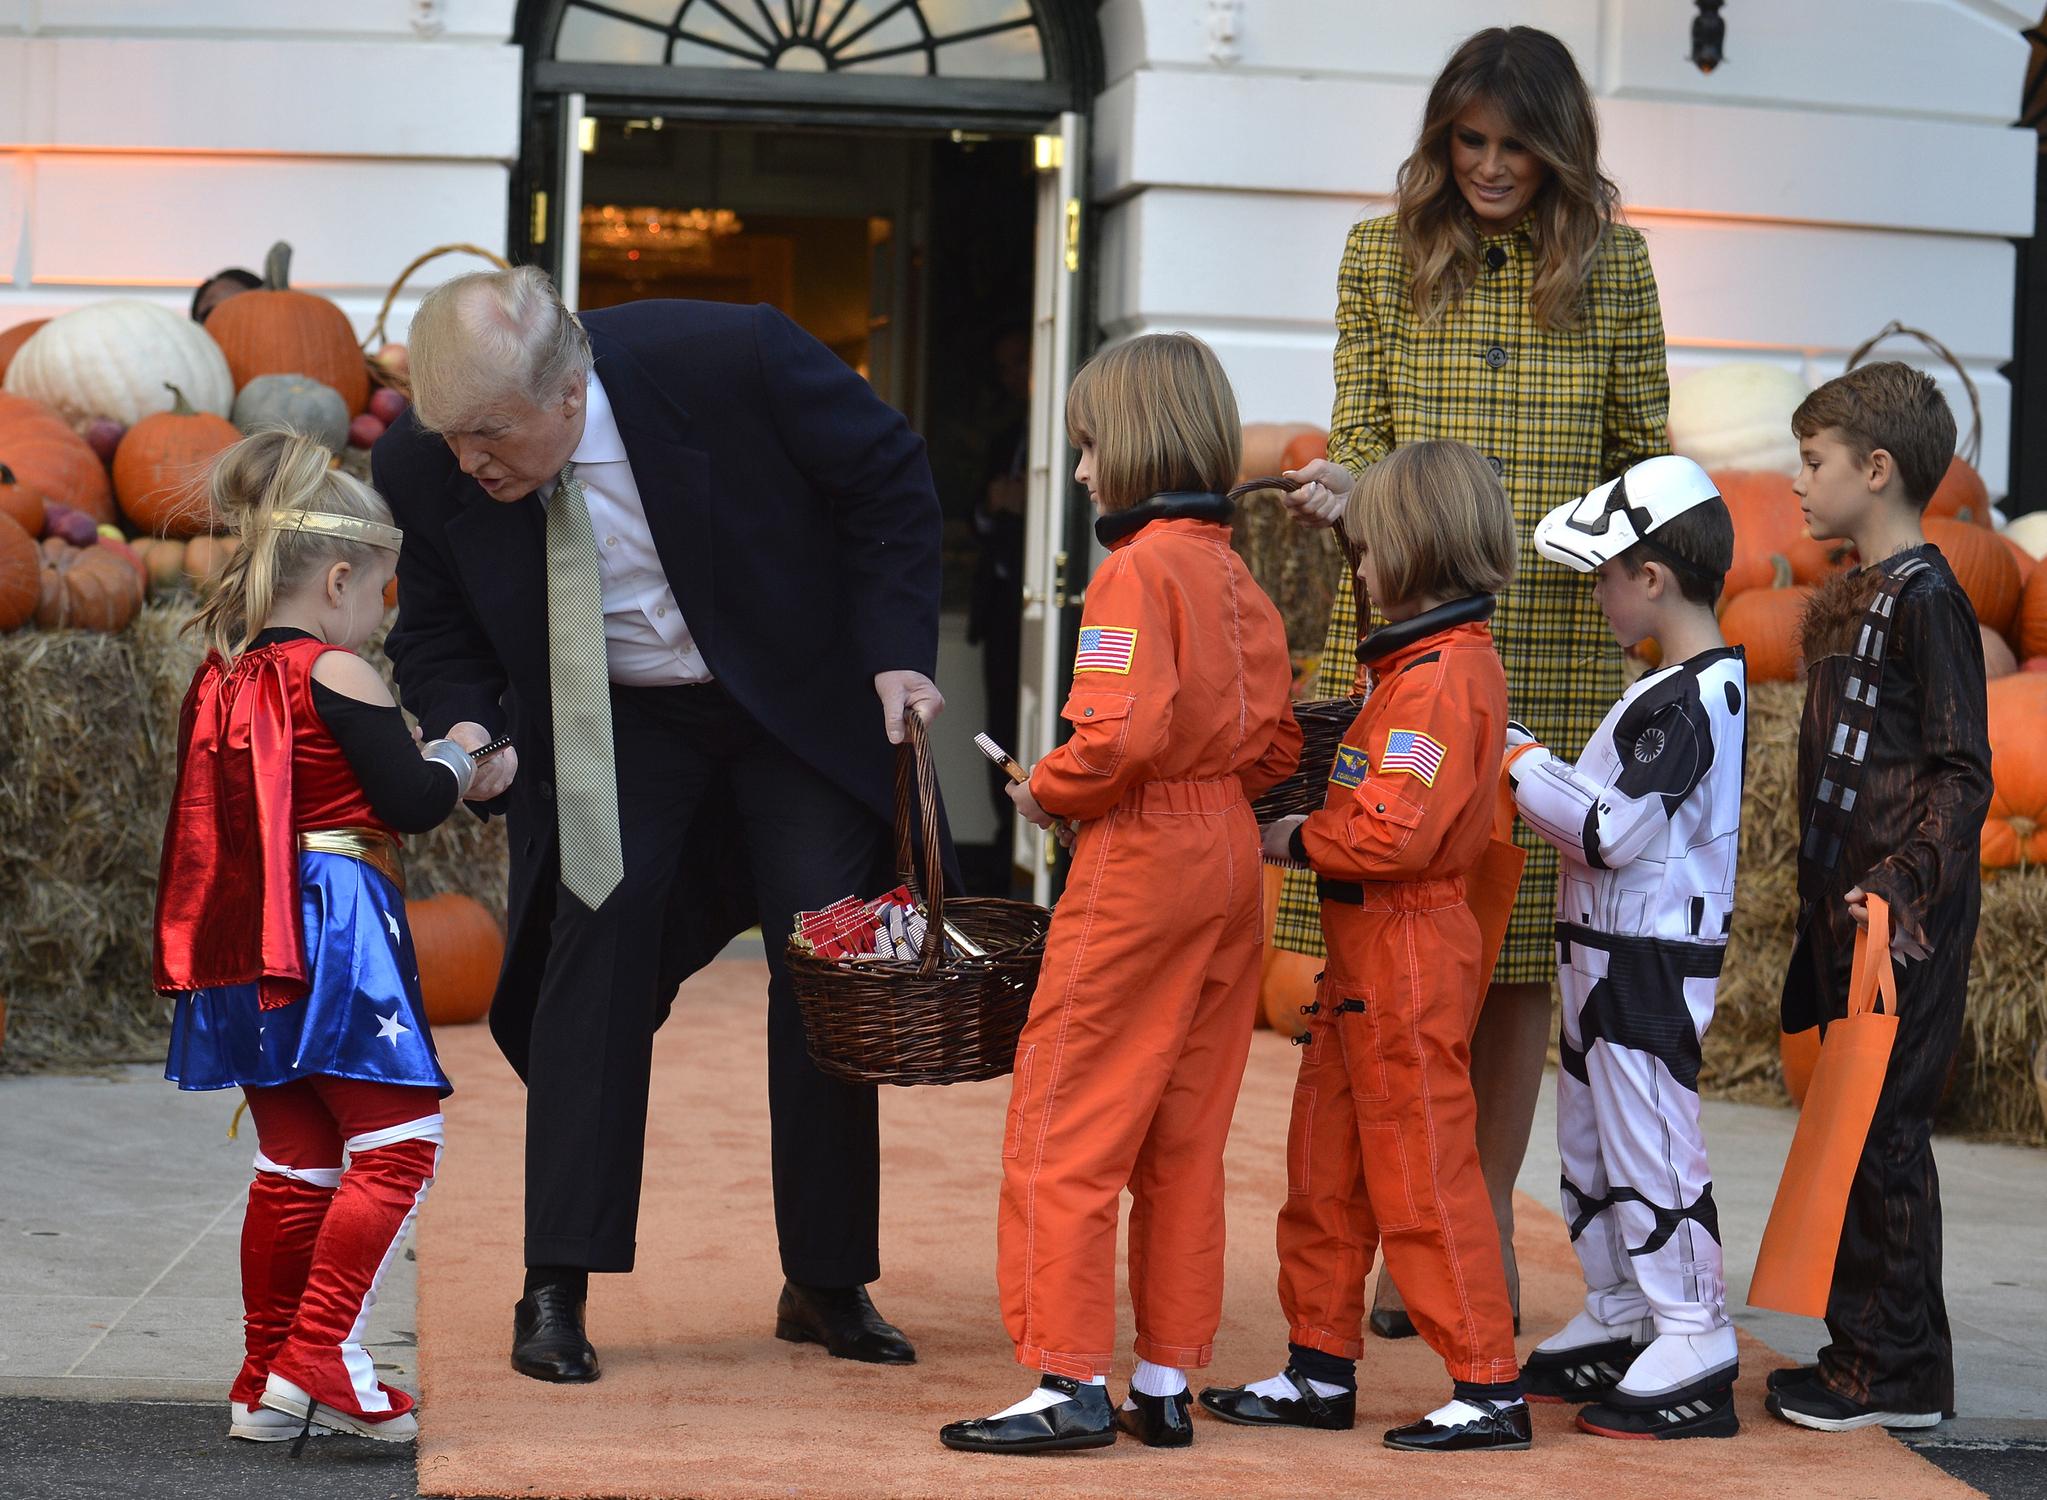 트럼프 대통령이 28일(현지시간) 백악관에서 열린 핼러윈 행사에서 슈퍼히어로 복장을 한 어린이에게 포장에 대통령 문양이 새겨진 사탕을 주고 있다. [EPA=연합뉴스]